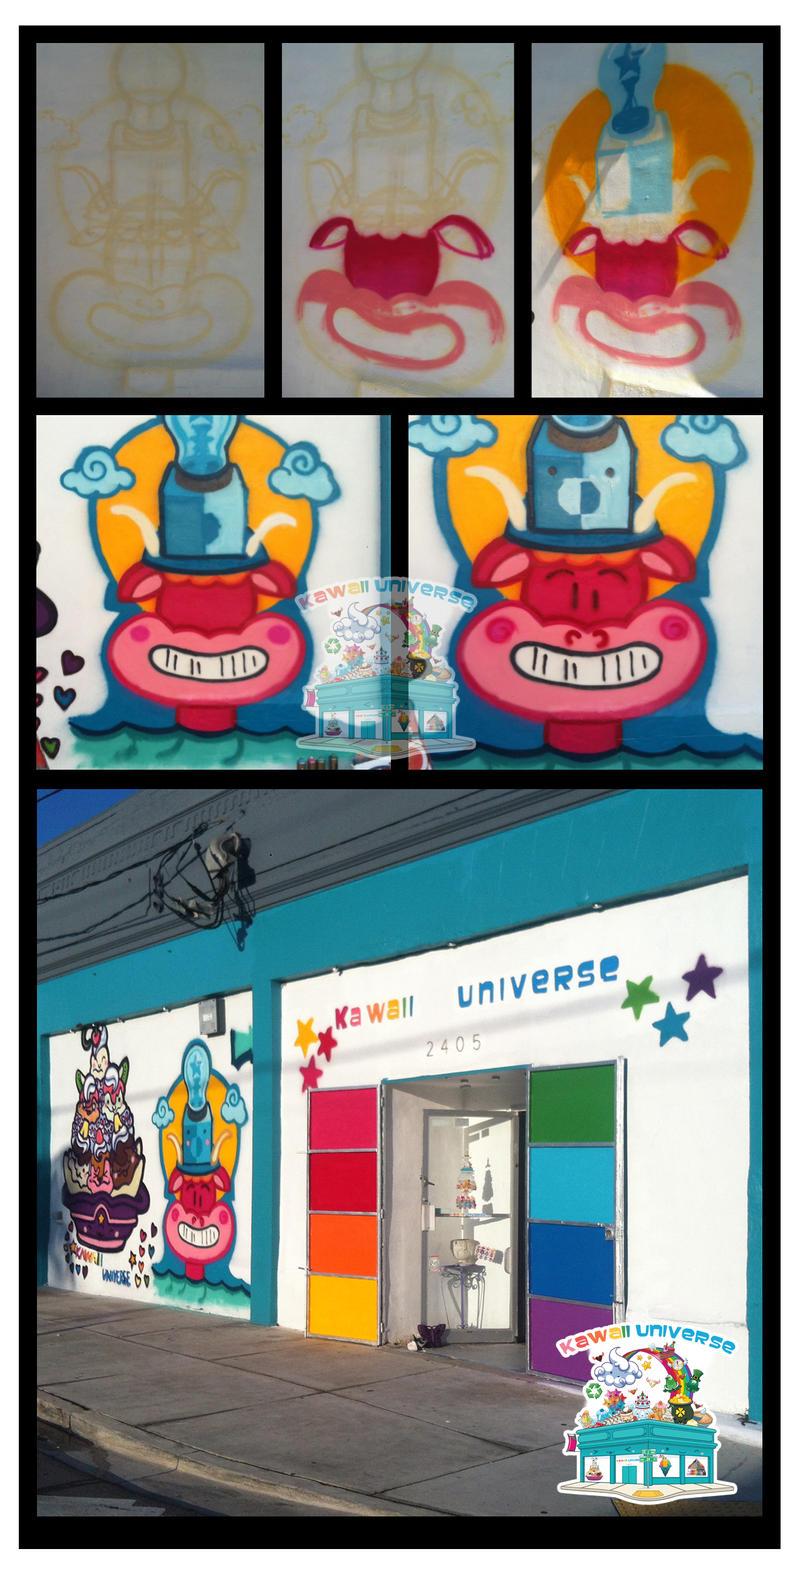 Kawaii Universe - Warmup Mural for RedBull Flugtag by KawaiiUniverseStudio